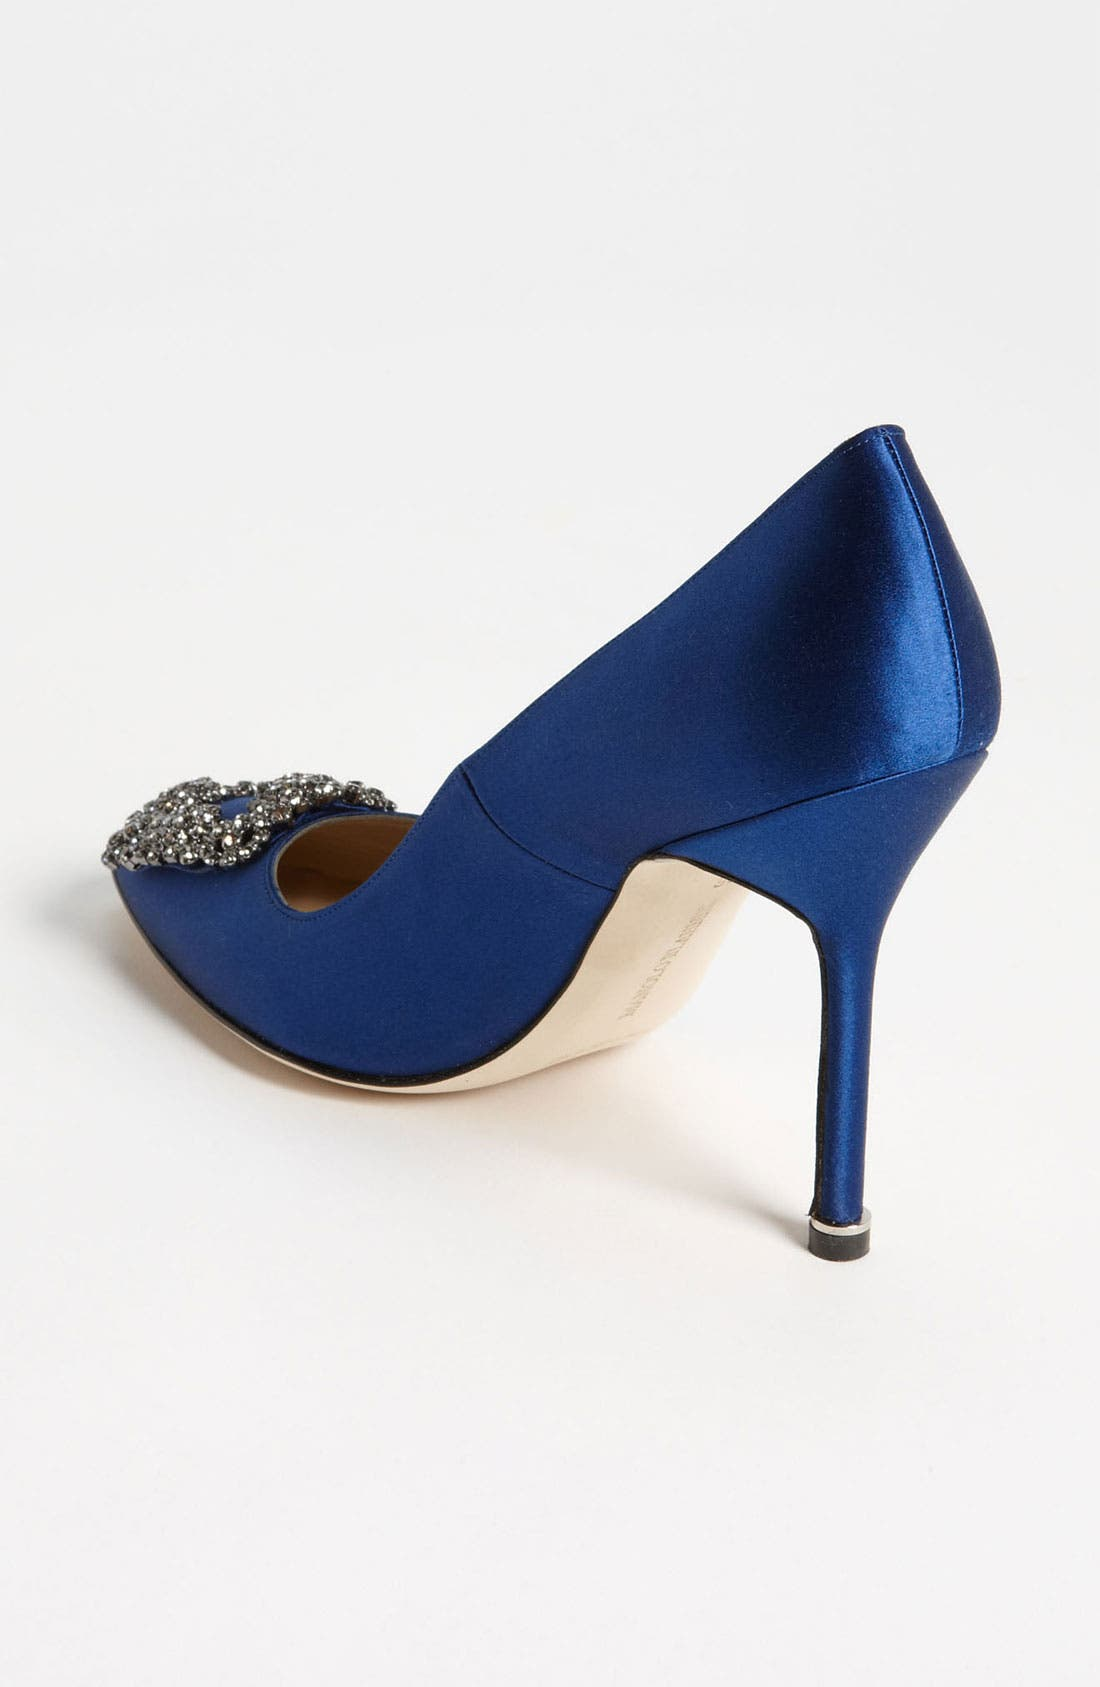 c9a00e3eb581 Manolo Blahnik Women s Shoes